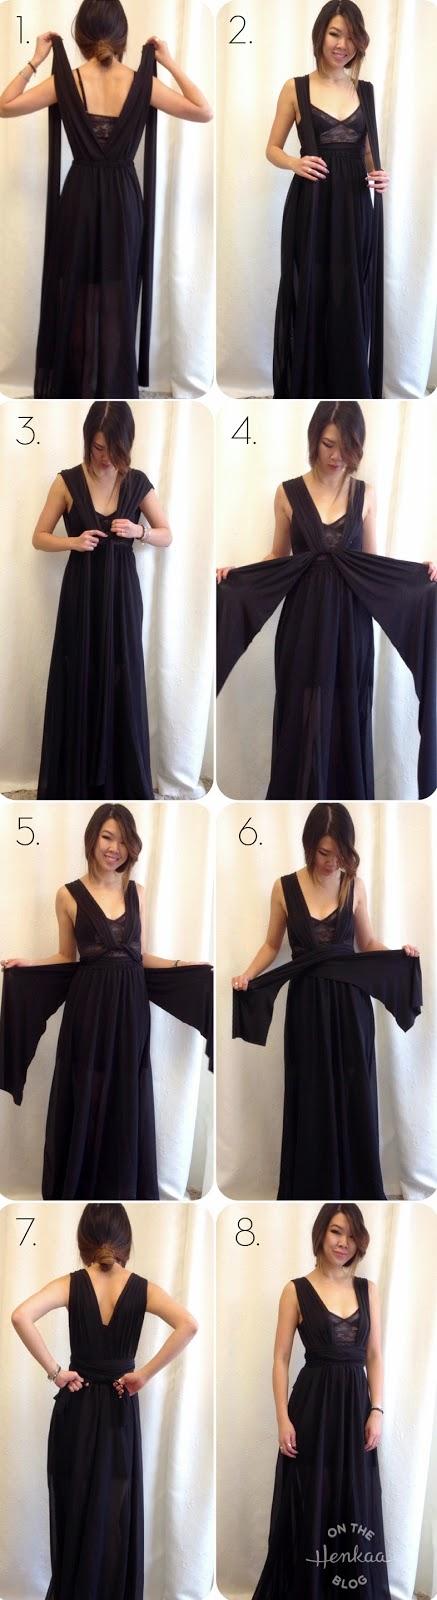 Transformar un vestido casual en uno formal